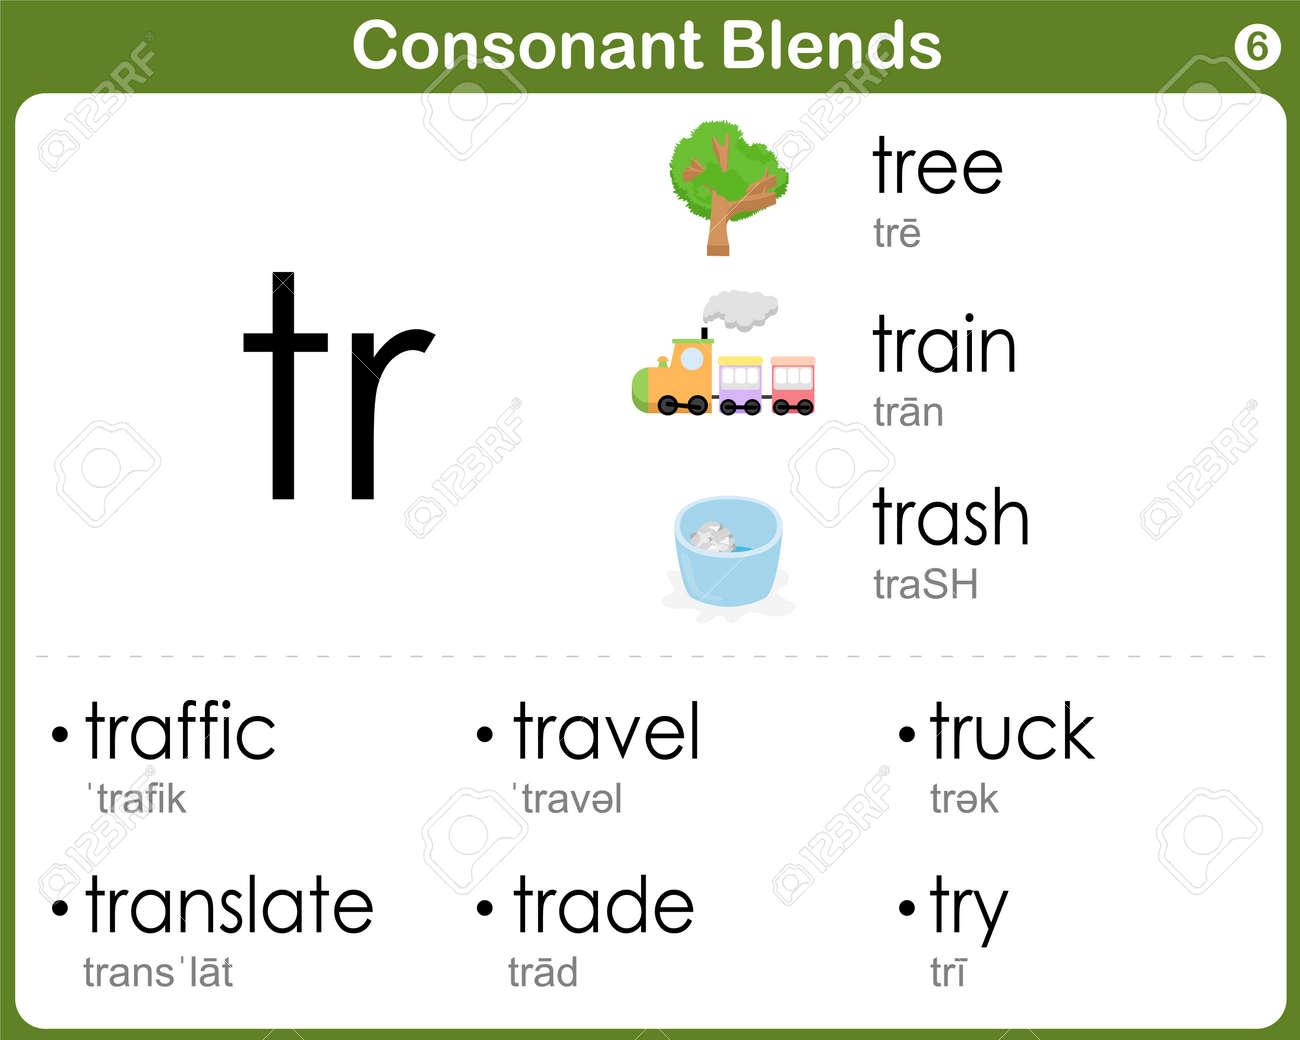 Consonant Blends Worksheet For Kids Royalty Free Cliparts Vectors – Consonant Blends Worksheets